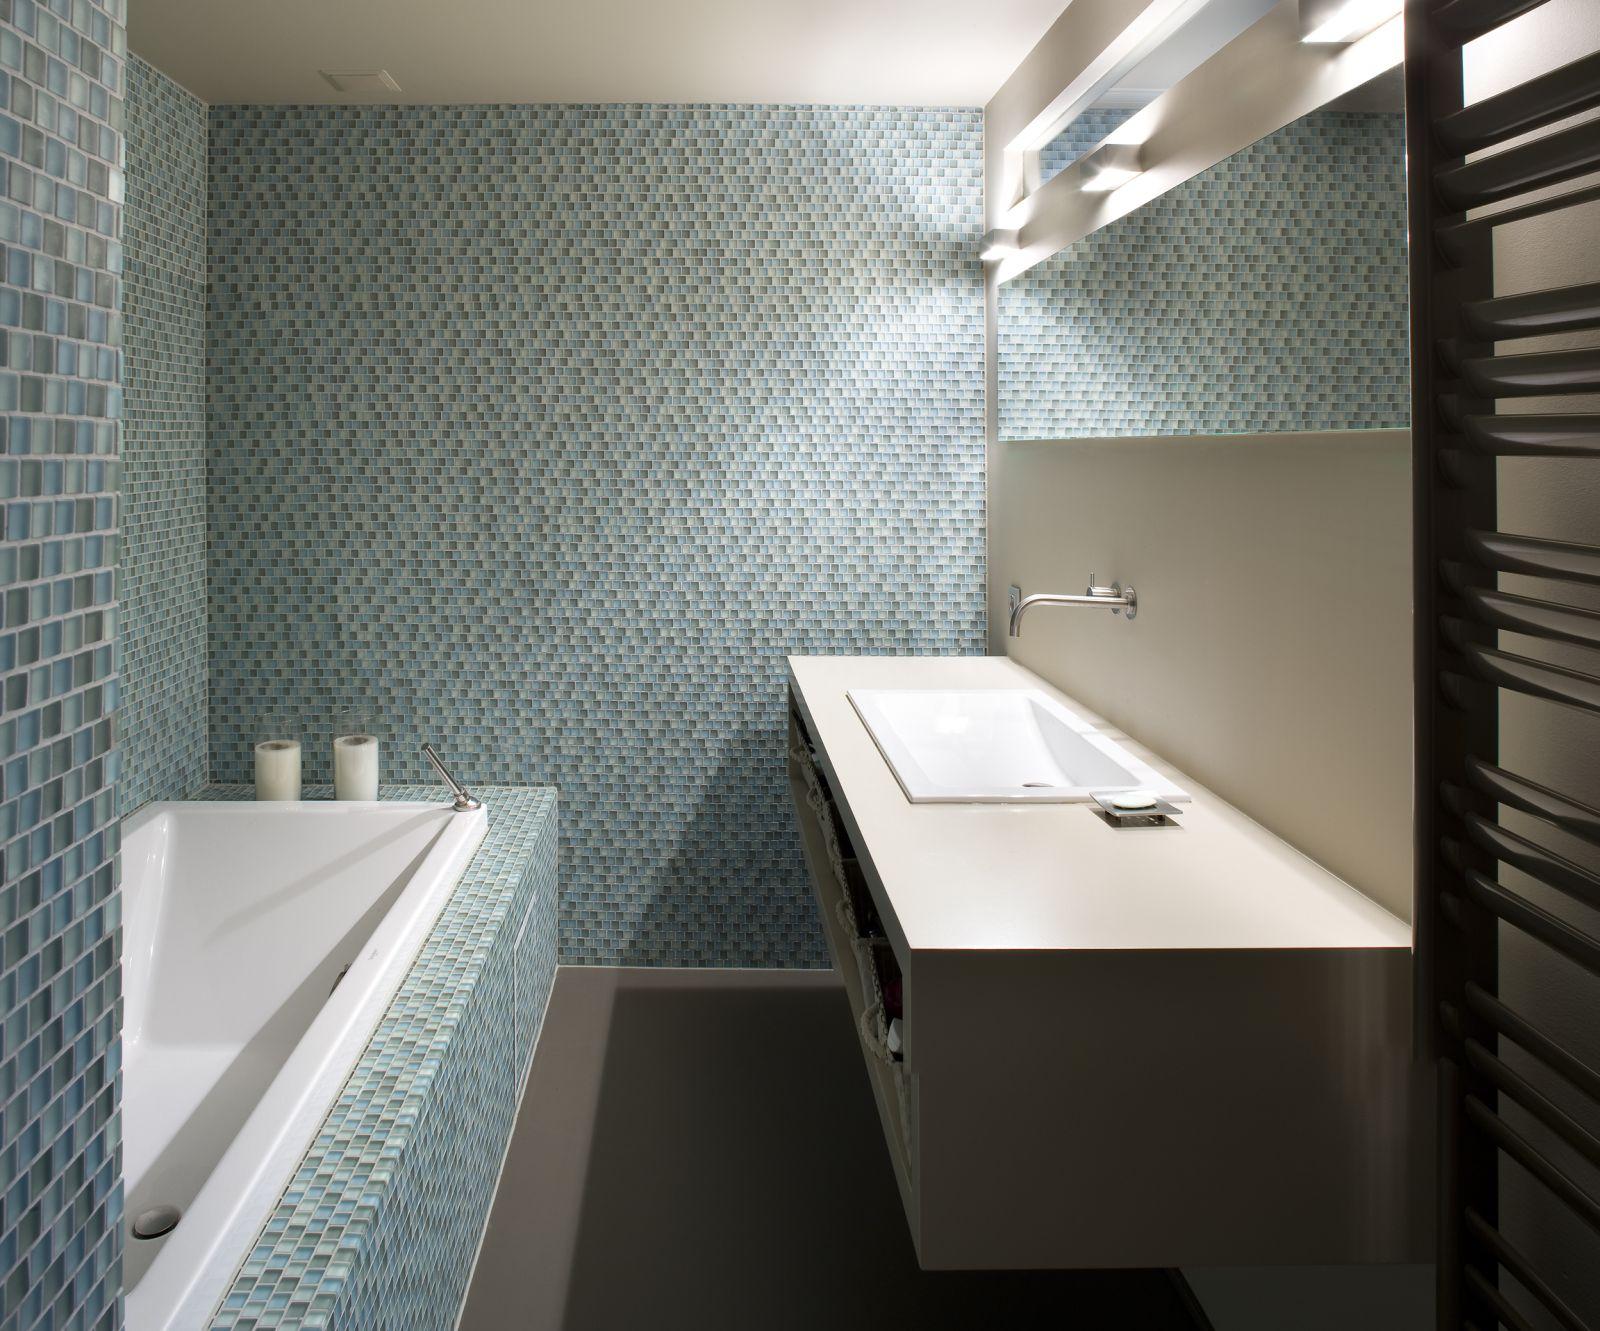 Kleurrijke stijl modern interieur vooruitzicht